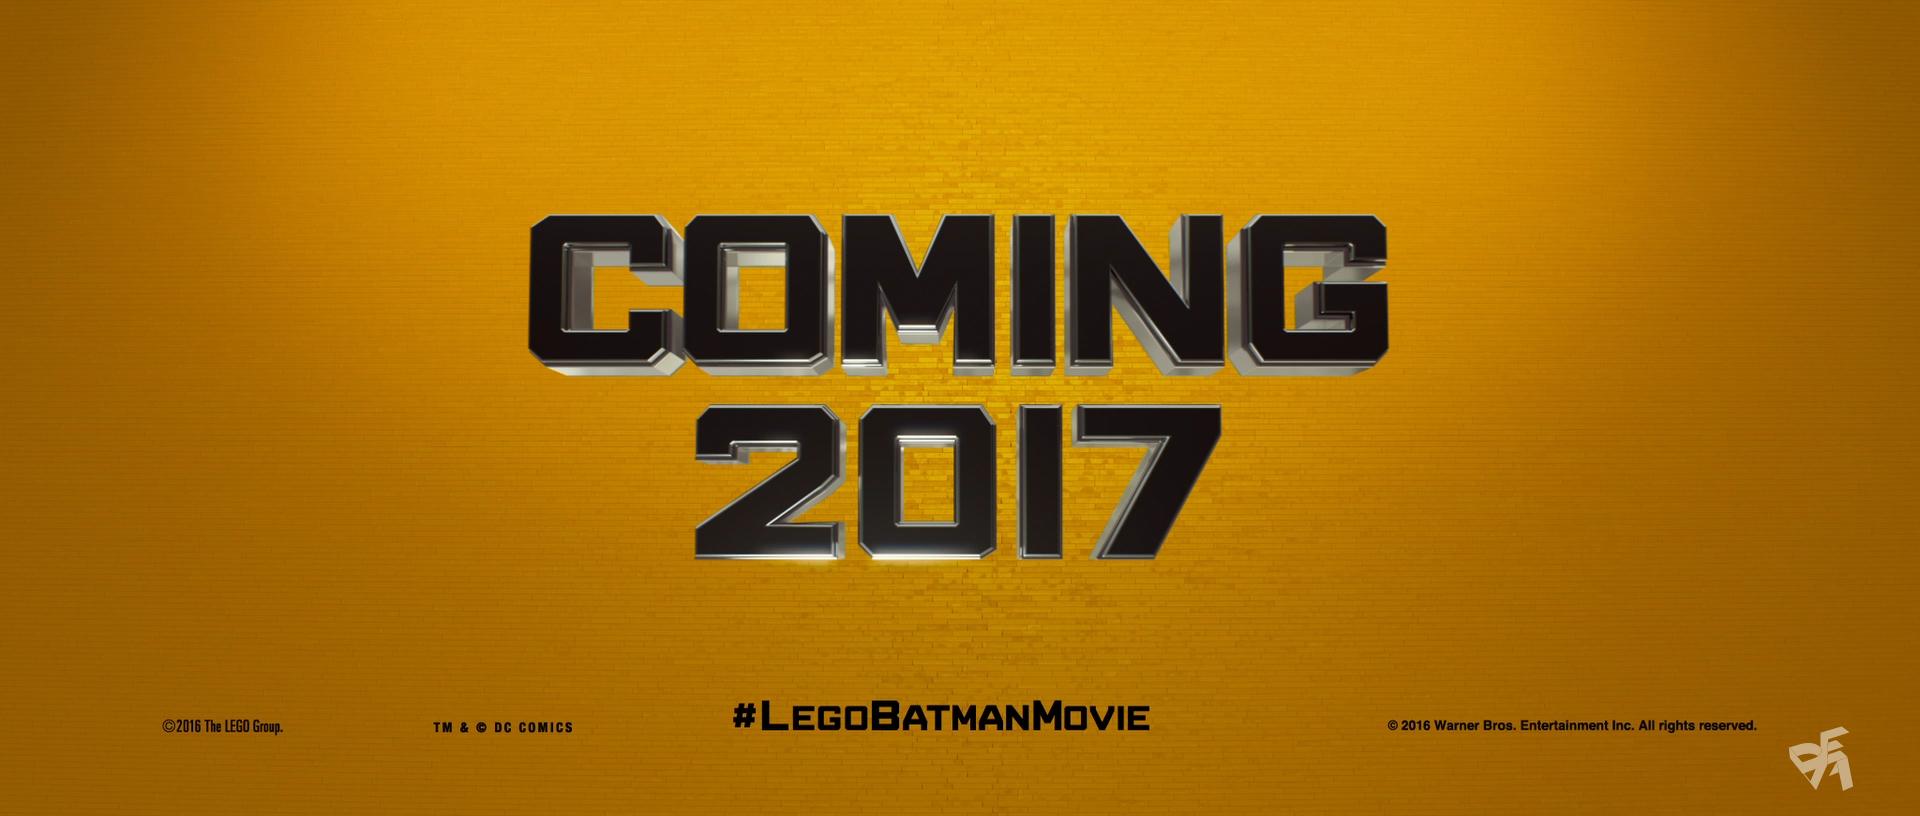 LegoBatman-TRAILERSTILL_22.jpg